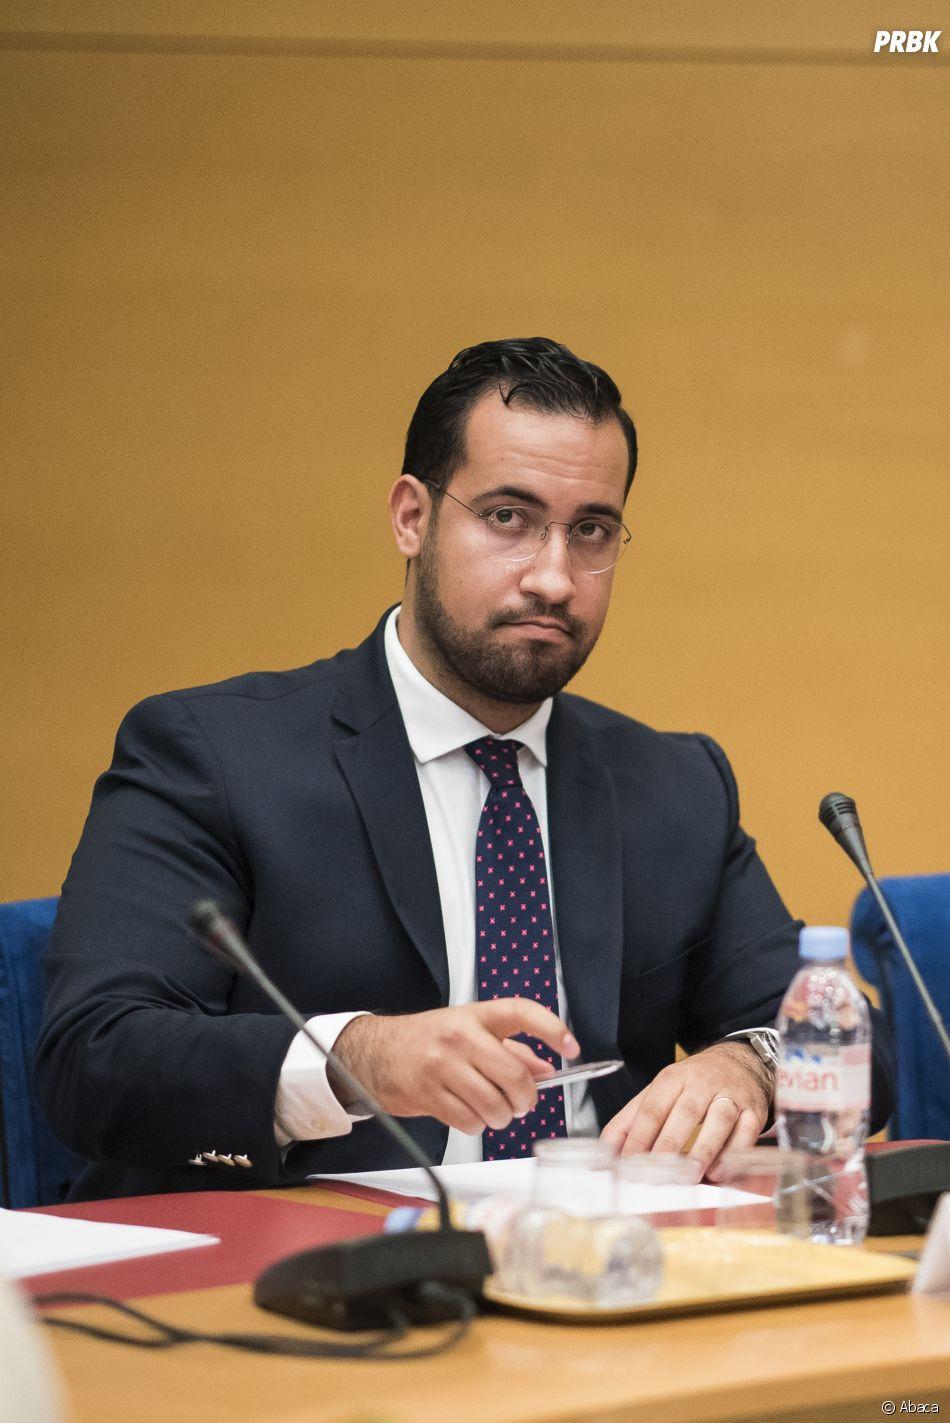 Alexandre Benalla, garde du corps d'Ayem Nour ? Il réagit à la rumeur